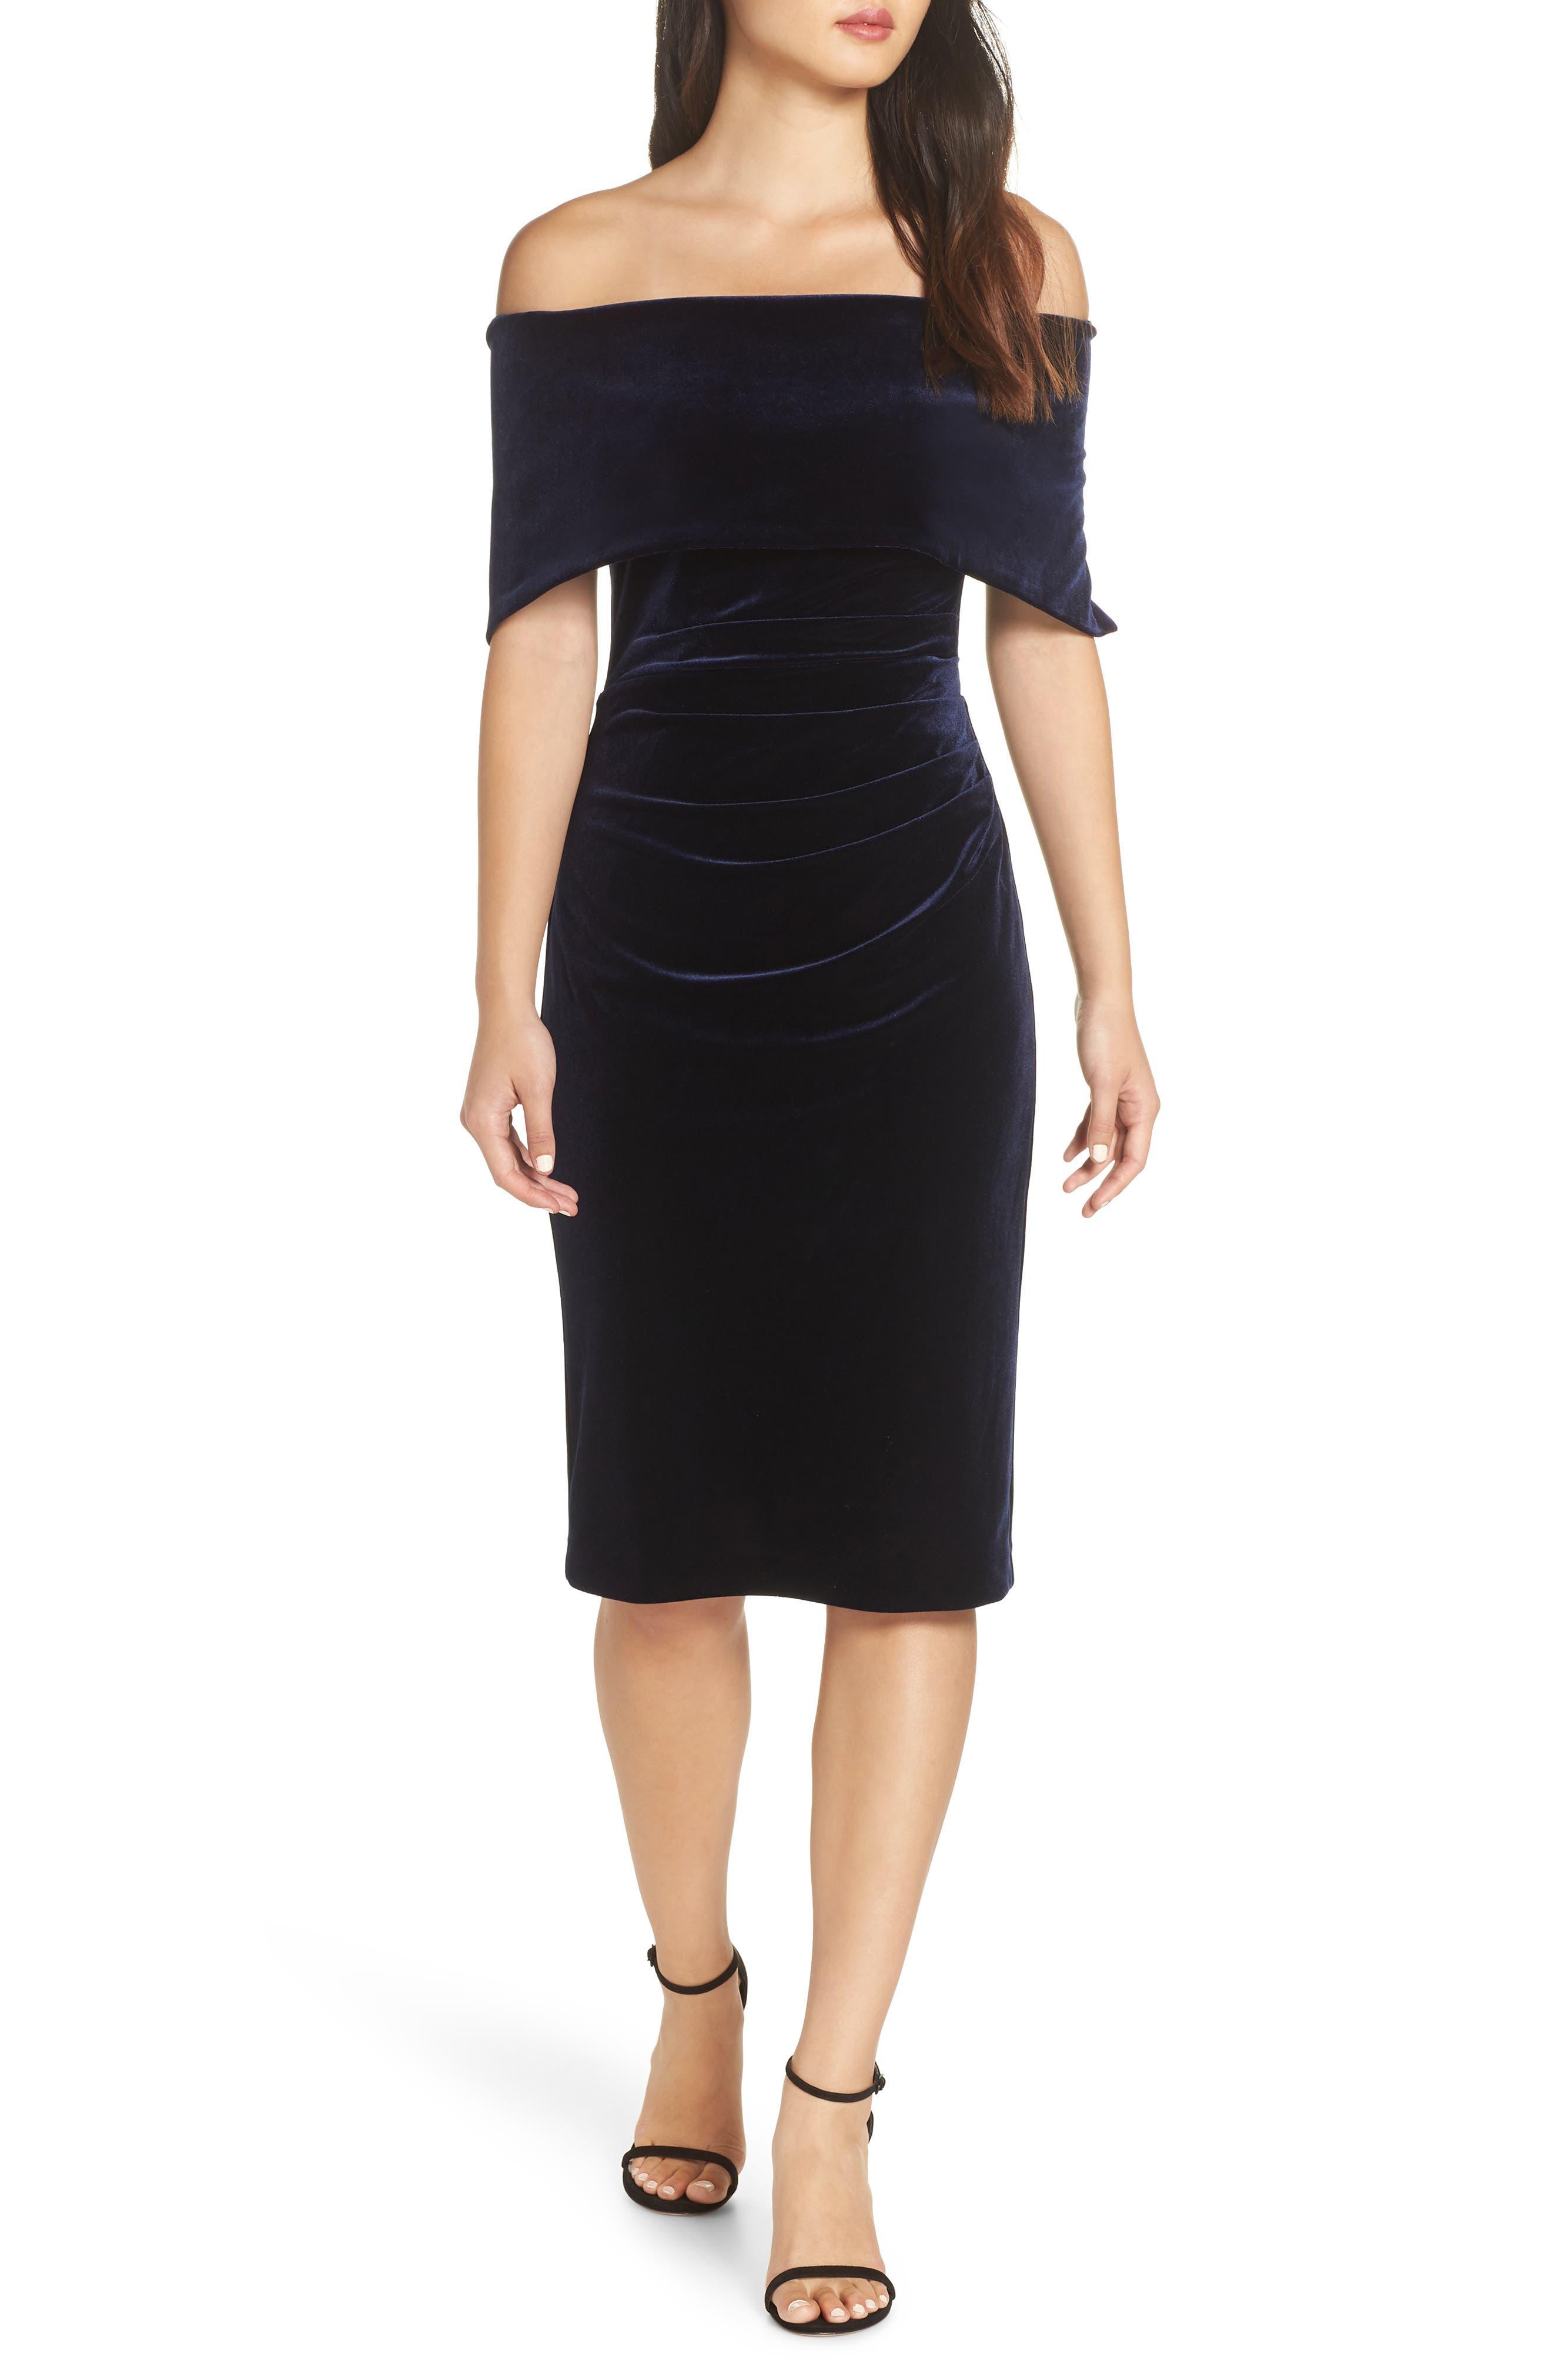 1950s Cocktail Dresses, Party Dresses Womens Vince Camuto Velvet Off The Shoulder Dress Size 0 - Blue $178.00 AT vintagedancer.com